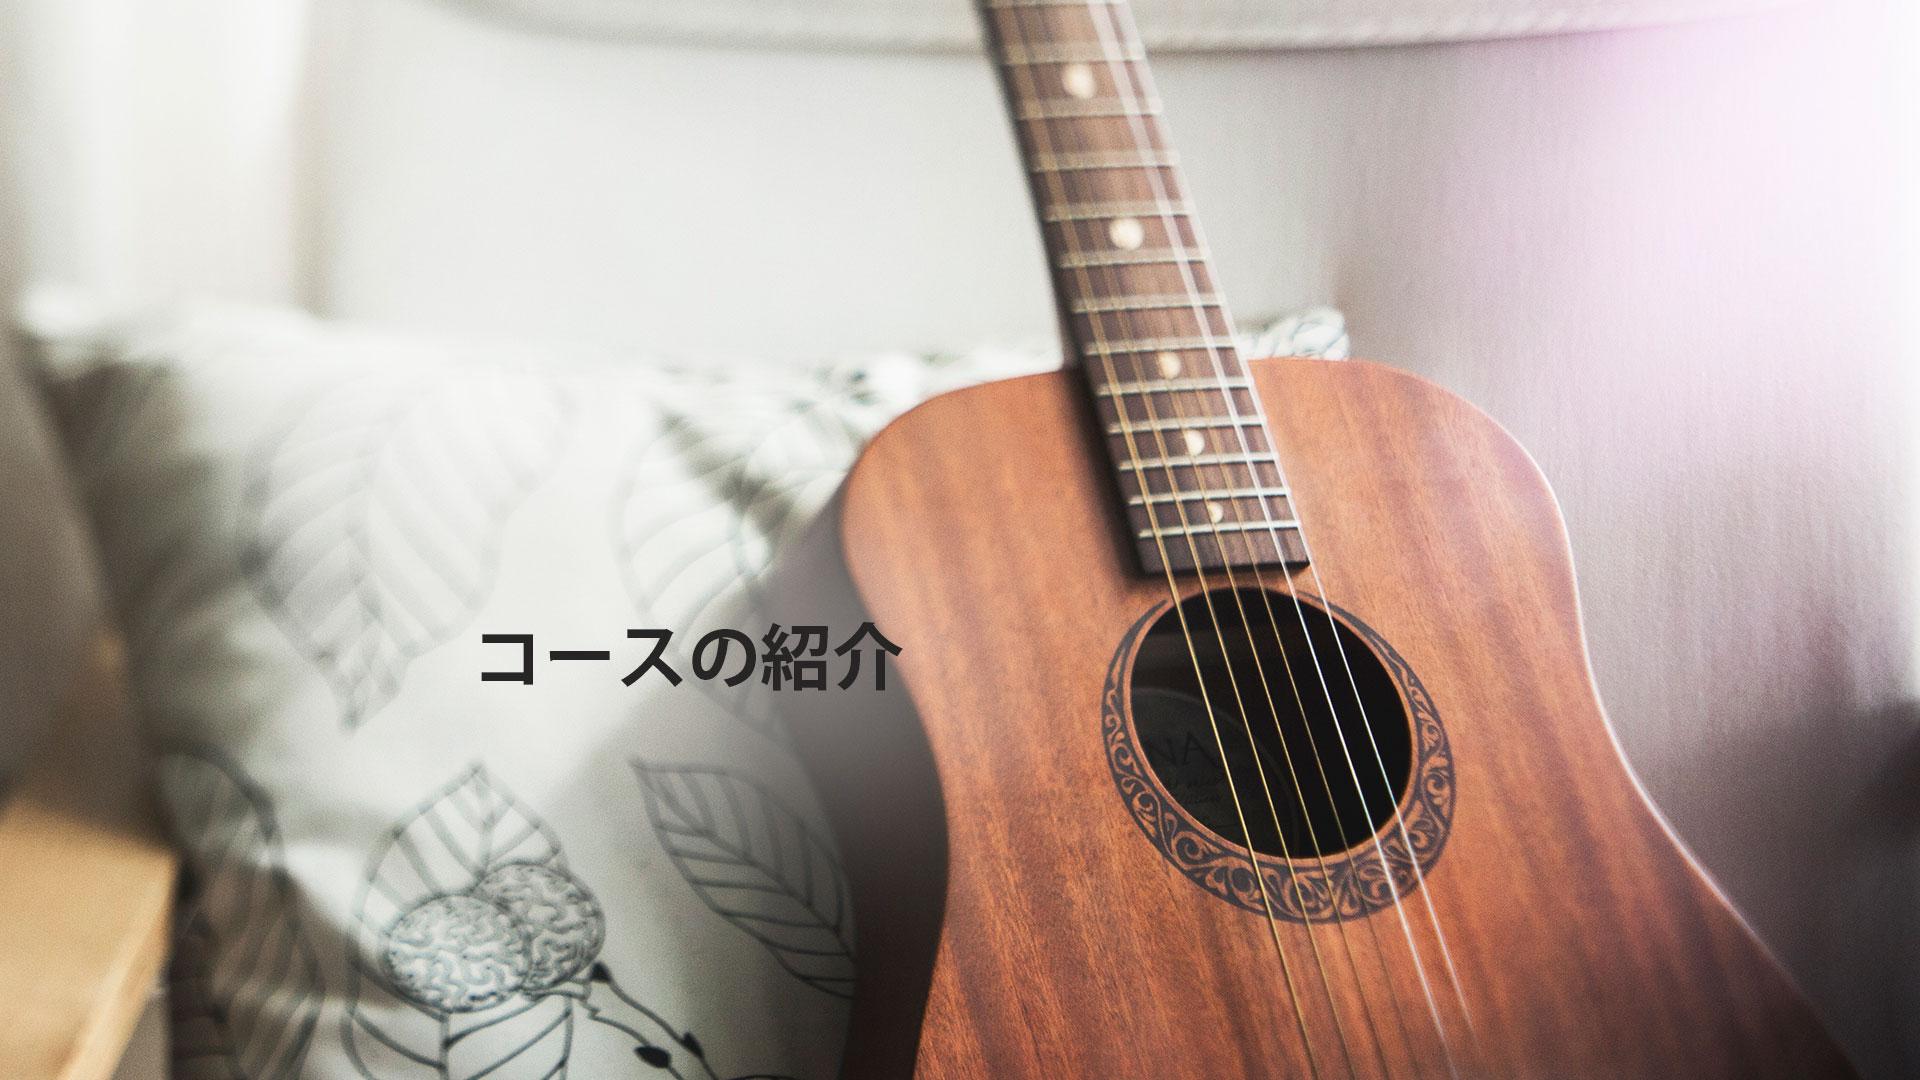 名古屋市緑区の音楽教室・楽器販売・修理・音楽イベント企画 ボイスミュージック (voice music)